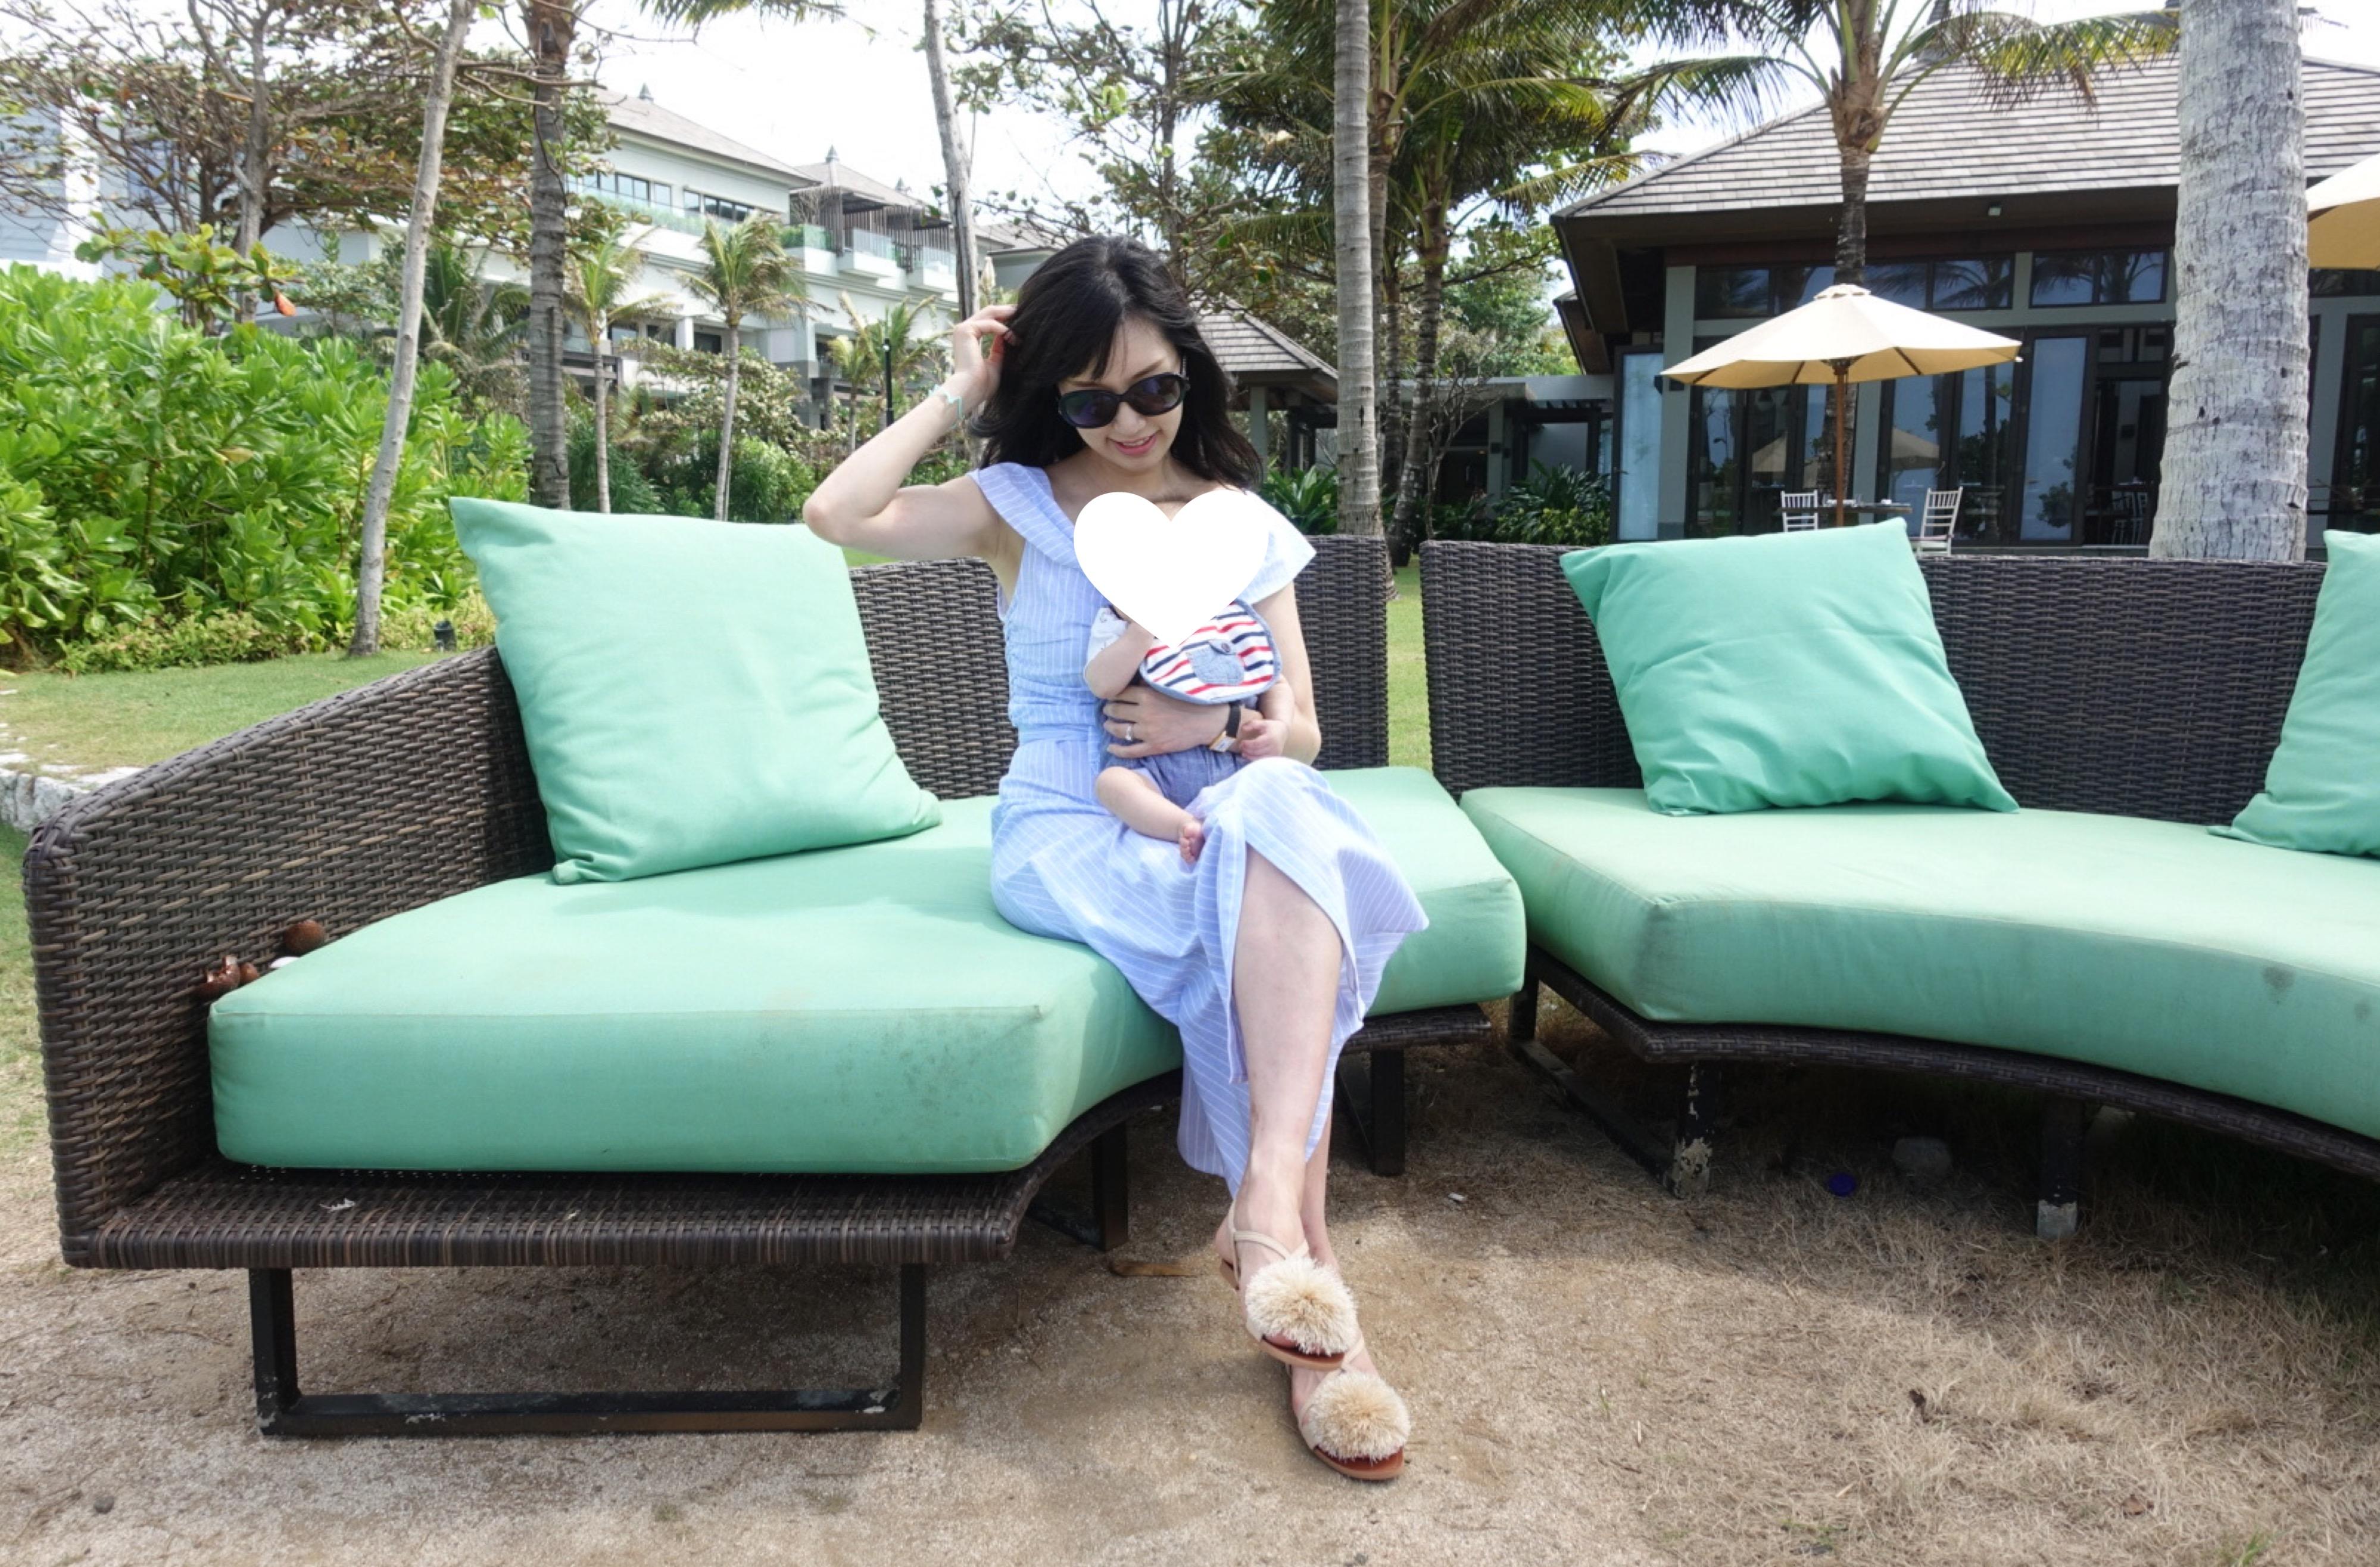 【バリ】初めての0歳赤ちゃん連れ海外旅行レポ!デビューは赤ちゃんにも優しいバリ島へ♡